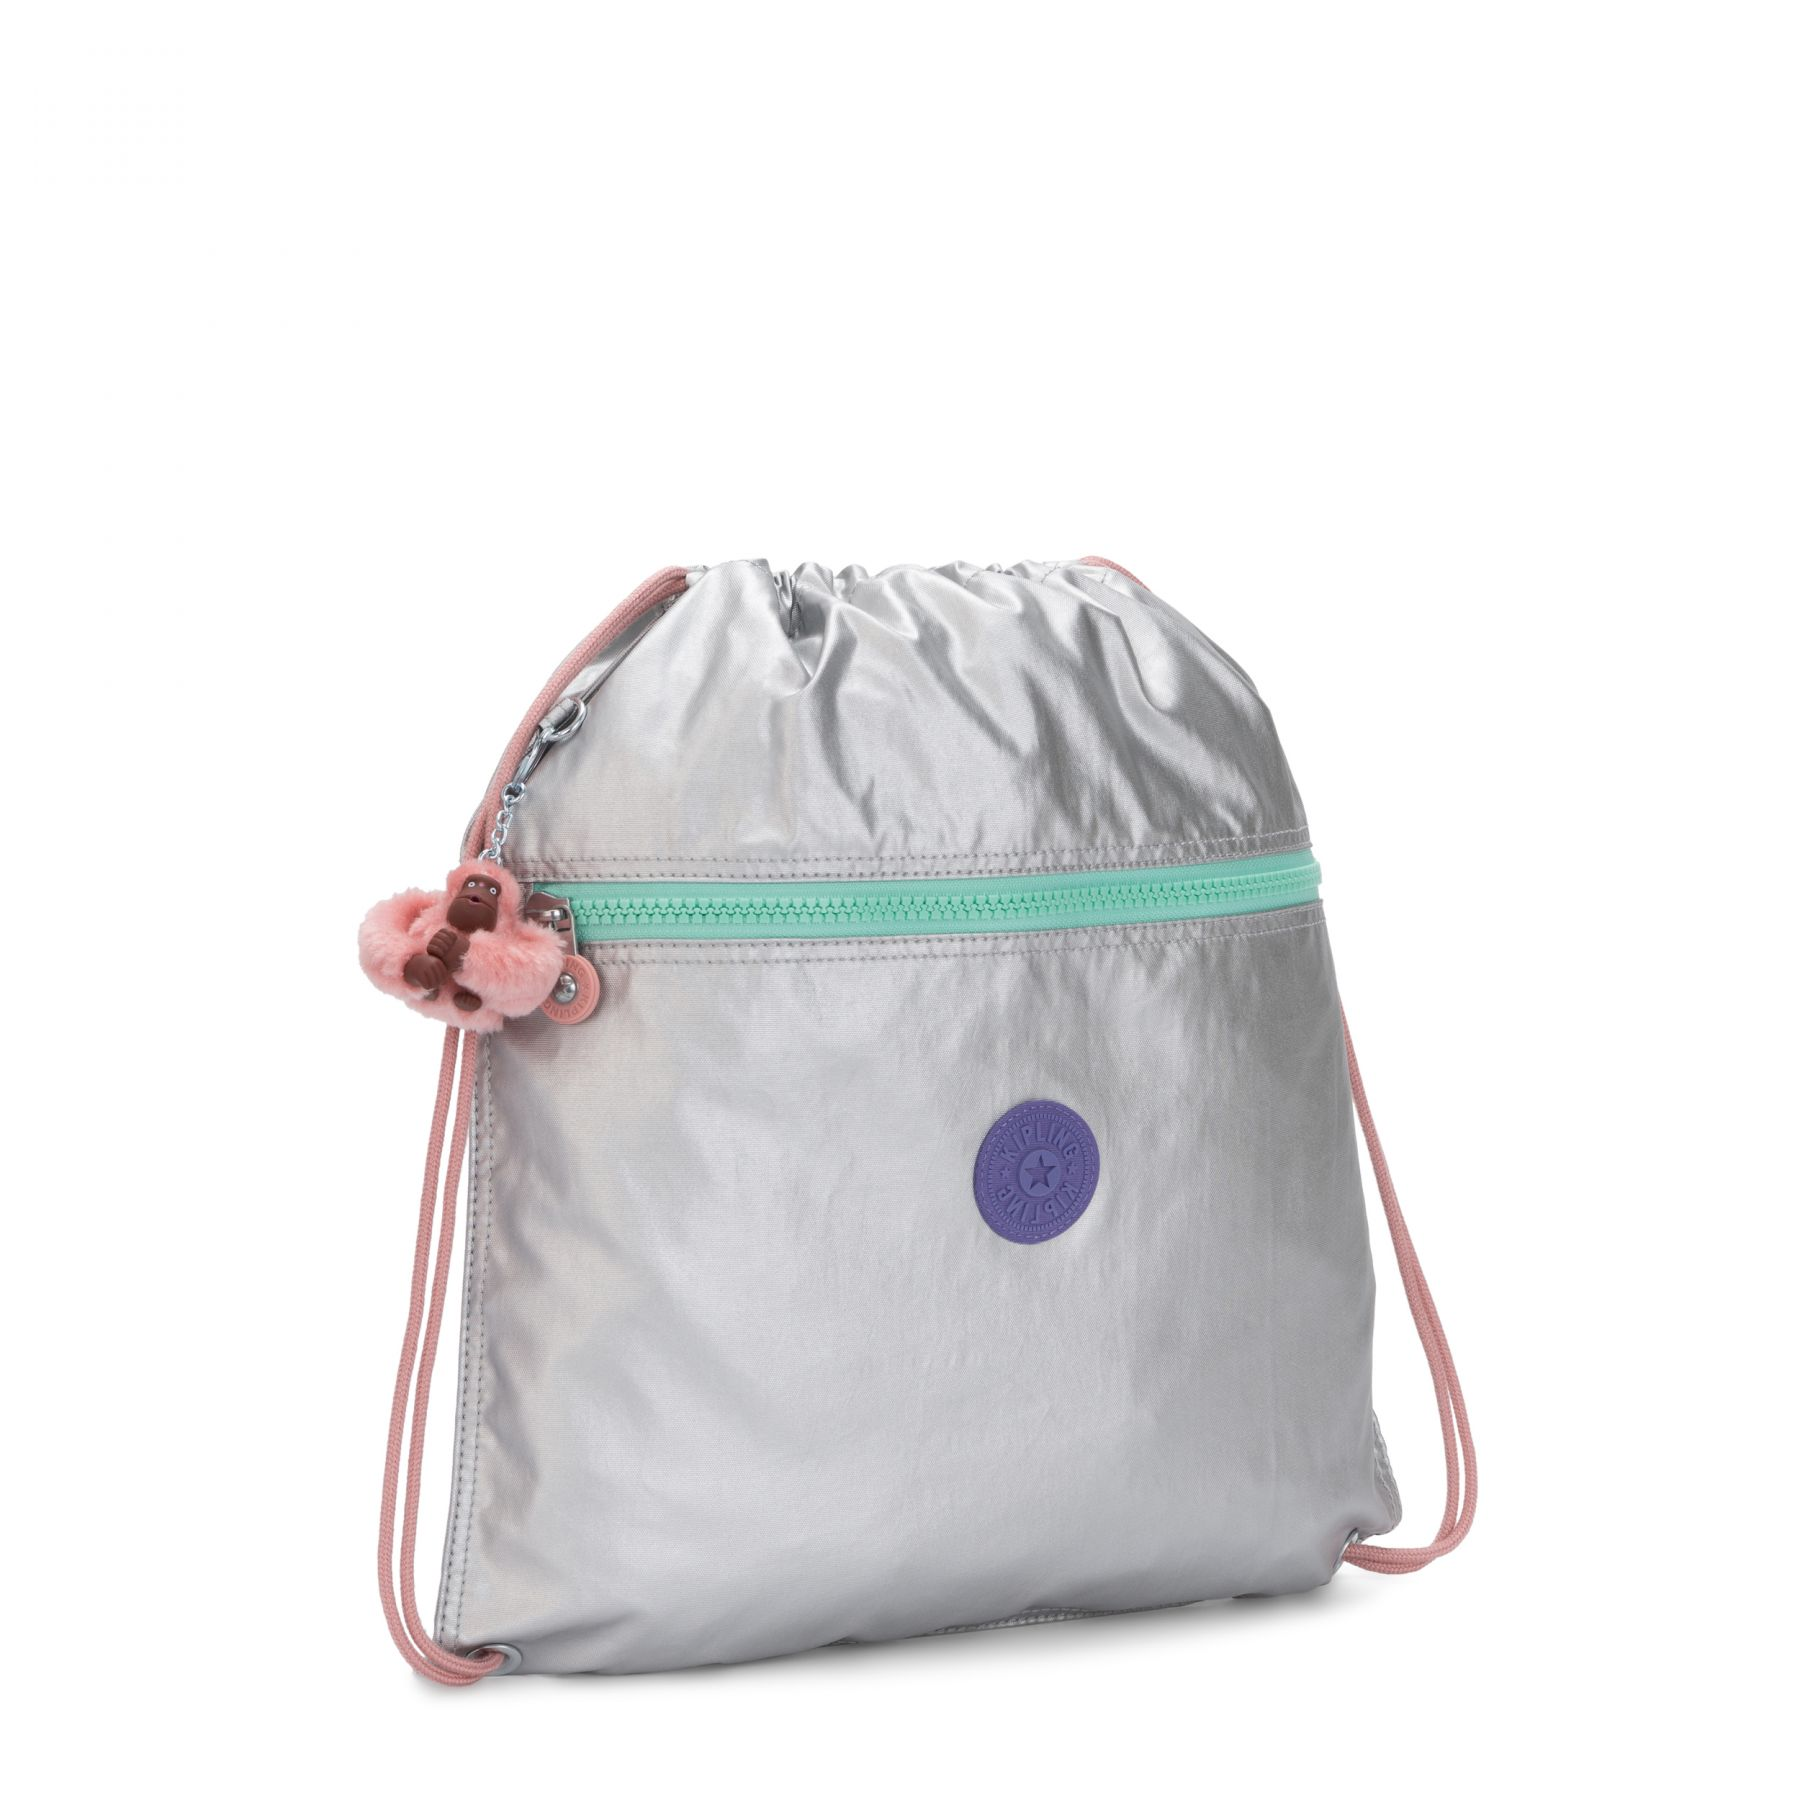 SUPERTABOO SCHOOL BAGS by Kipling